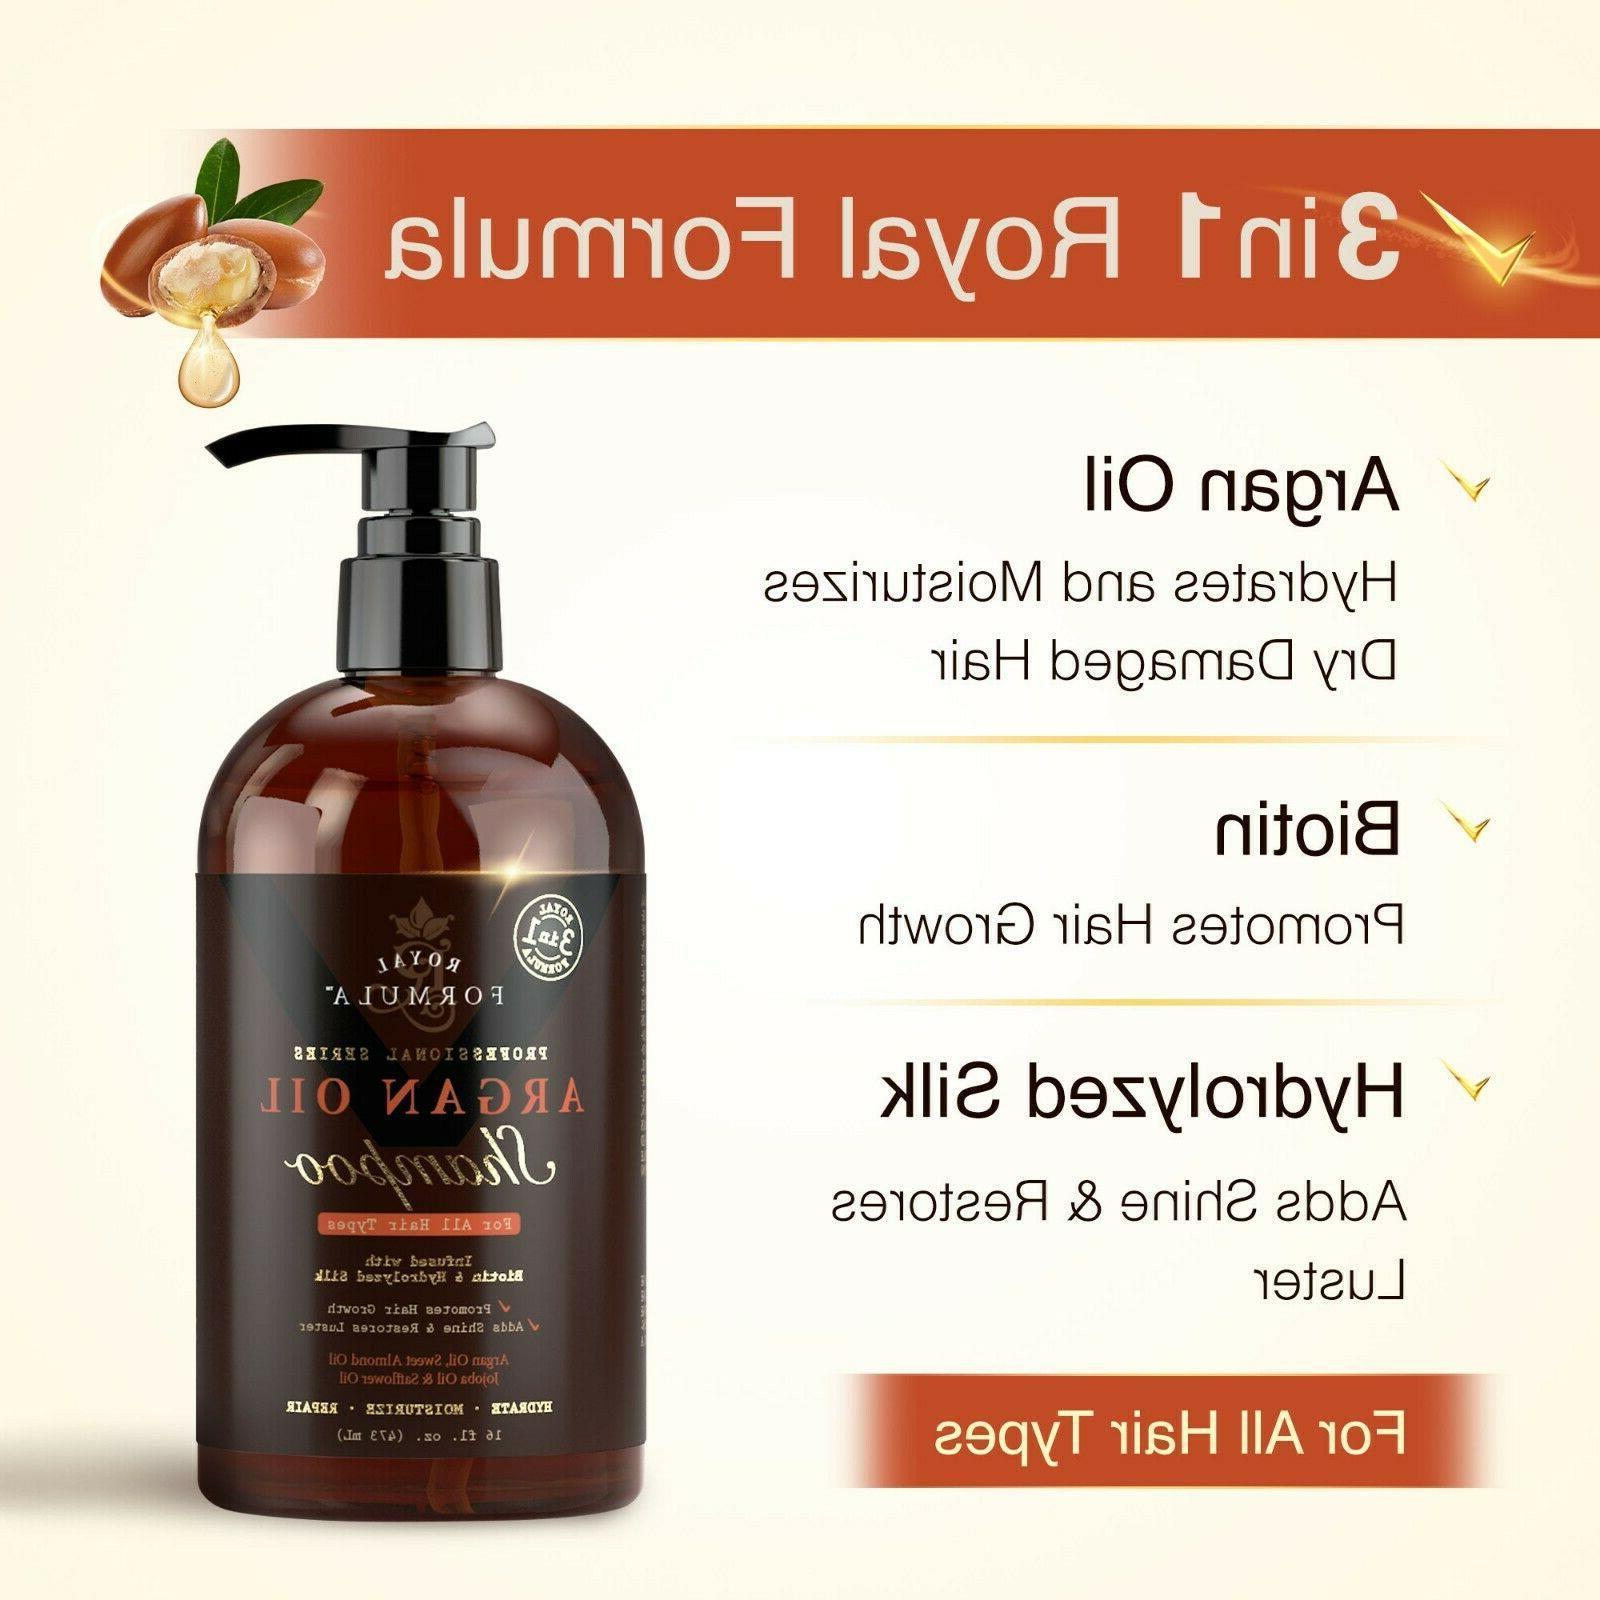 2 Oil Biotin for Hair